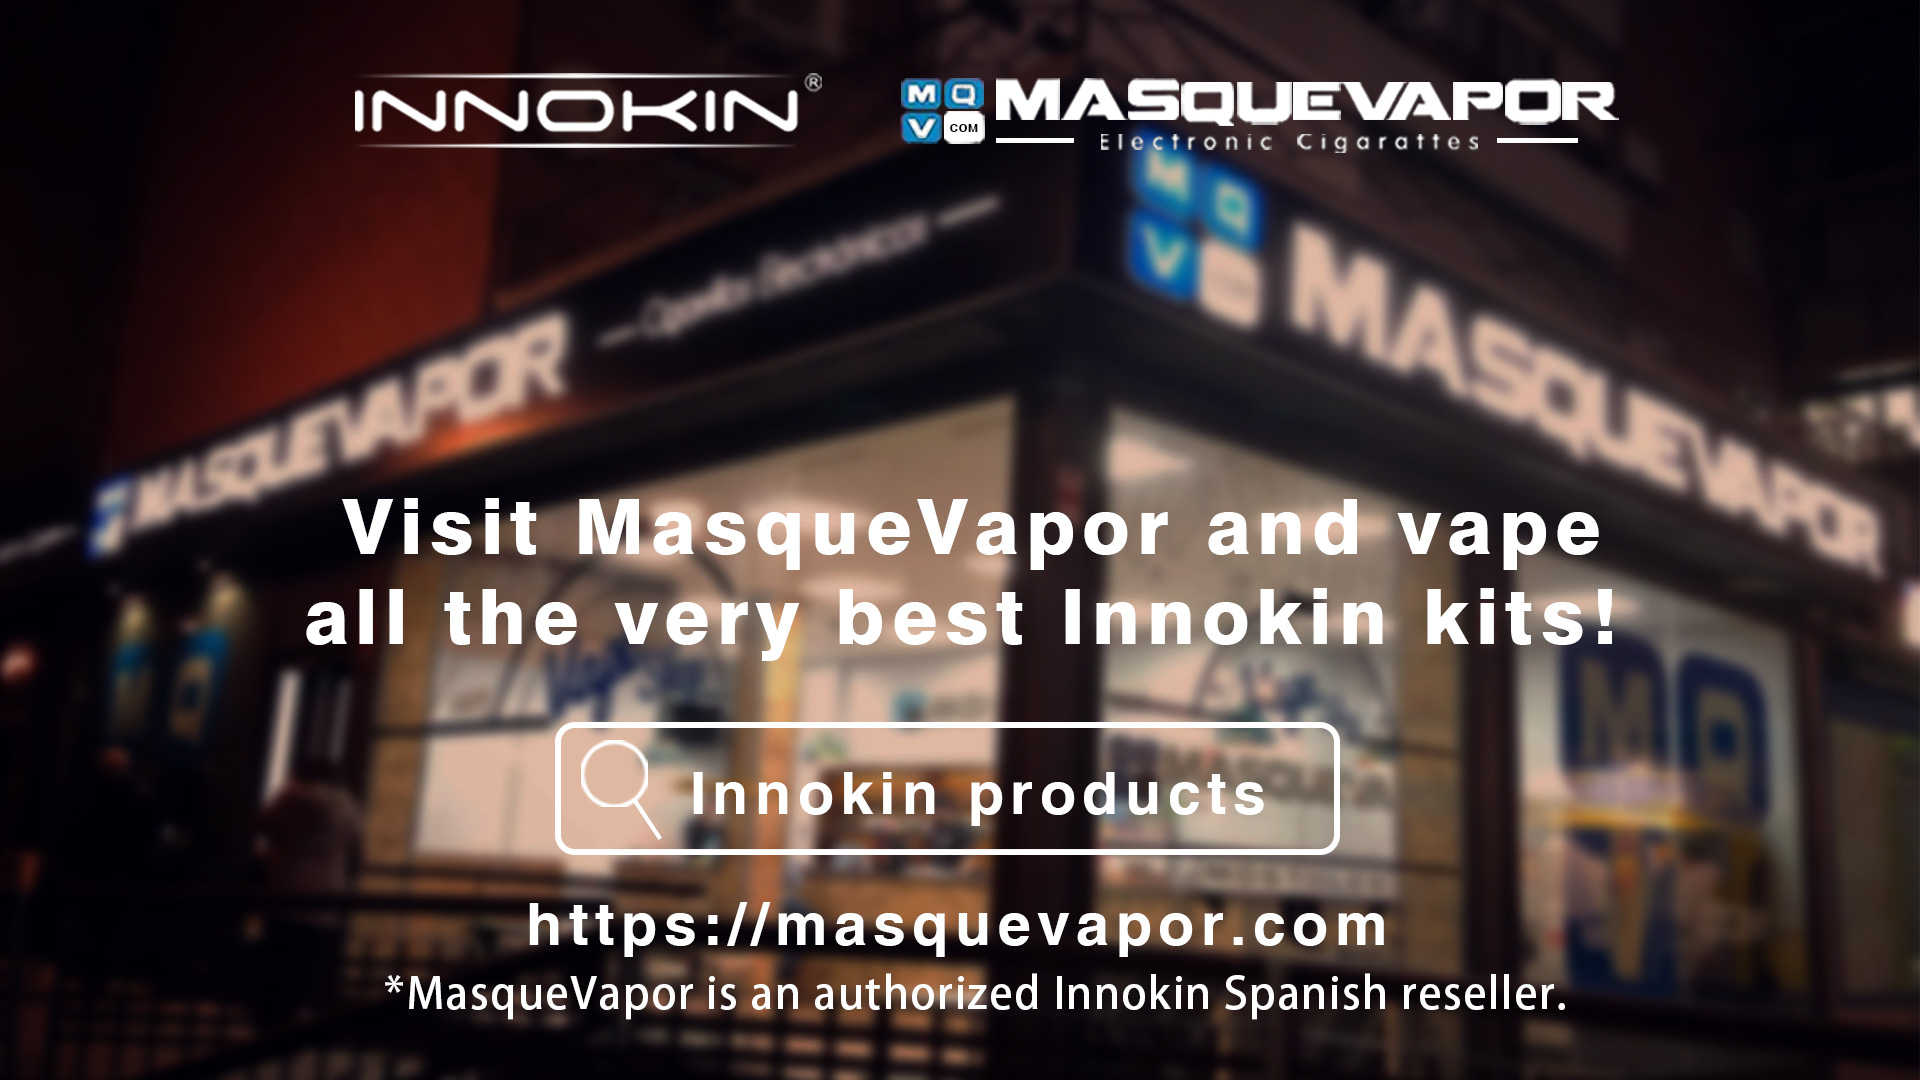 Masquevapor & Innokin in a strong partnership from November 2019